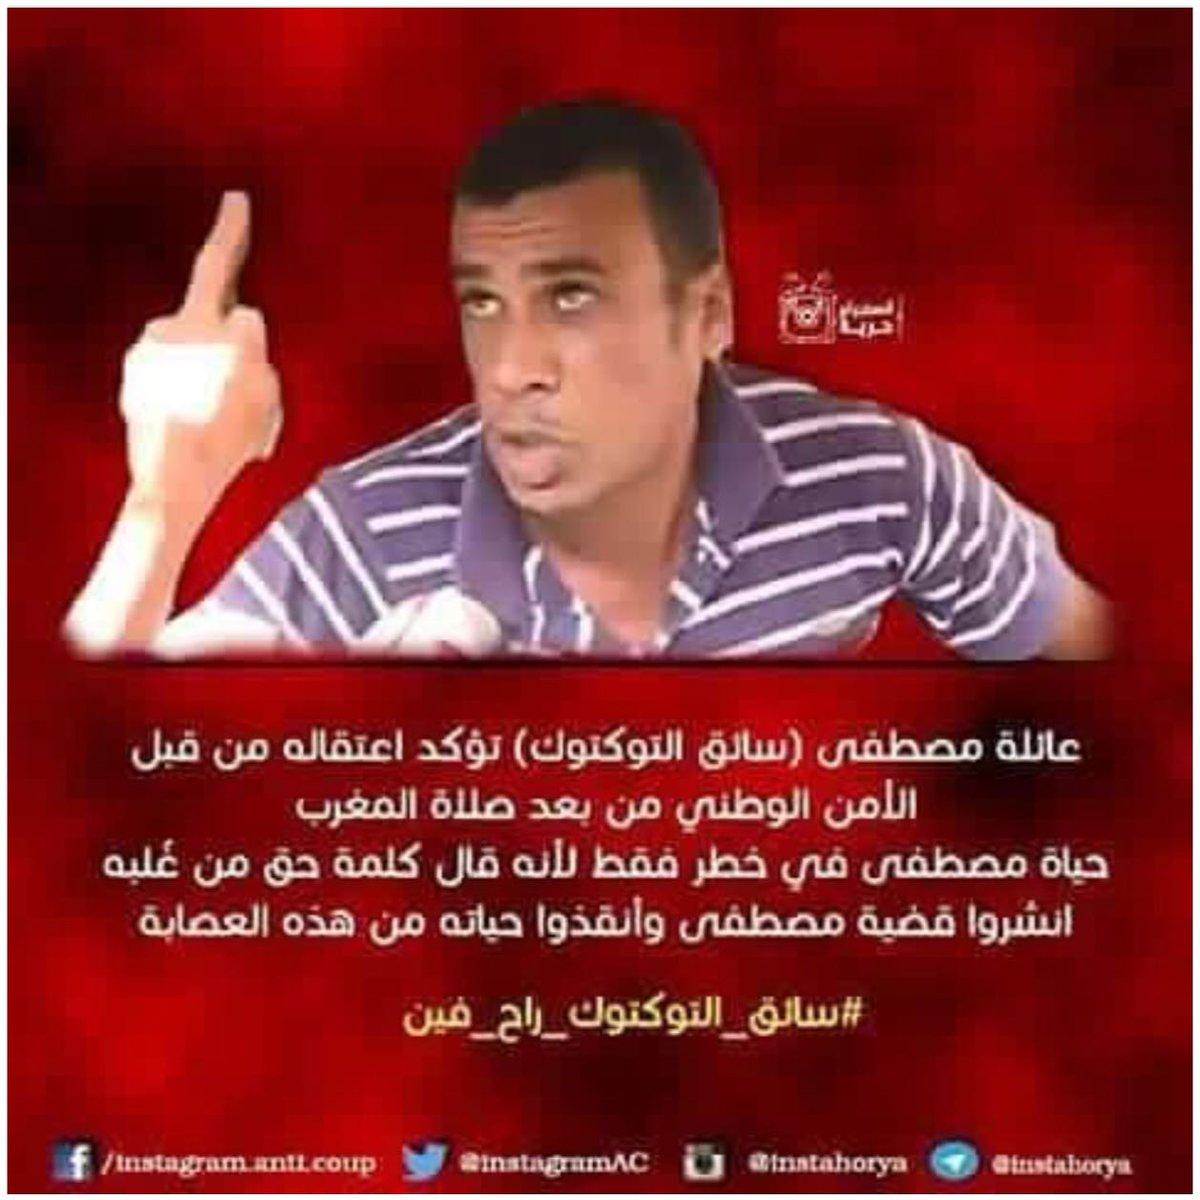 قال كلمة الحق فتم اعتقاله !!!  #سائق_التوكتوك_راح_فين ؟؟ https://t.co/R1761YWP1g